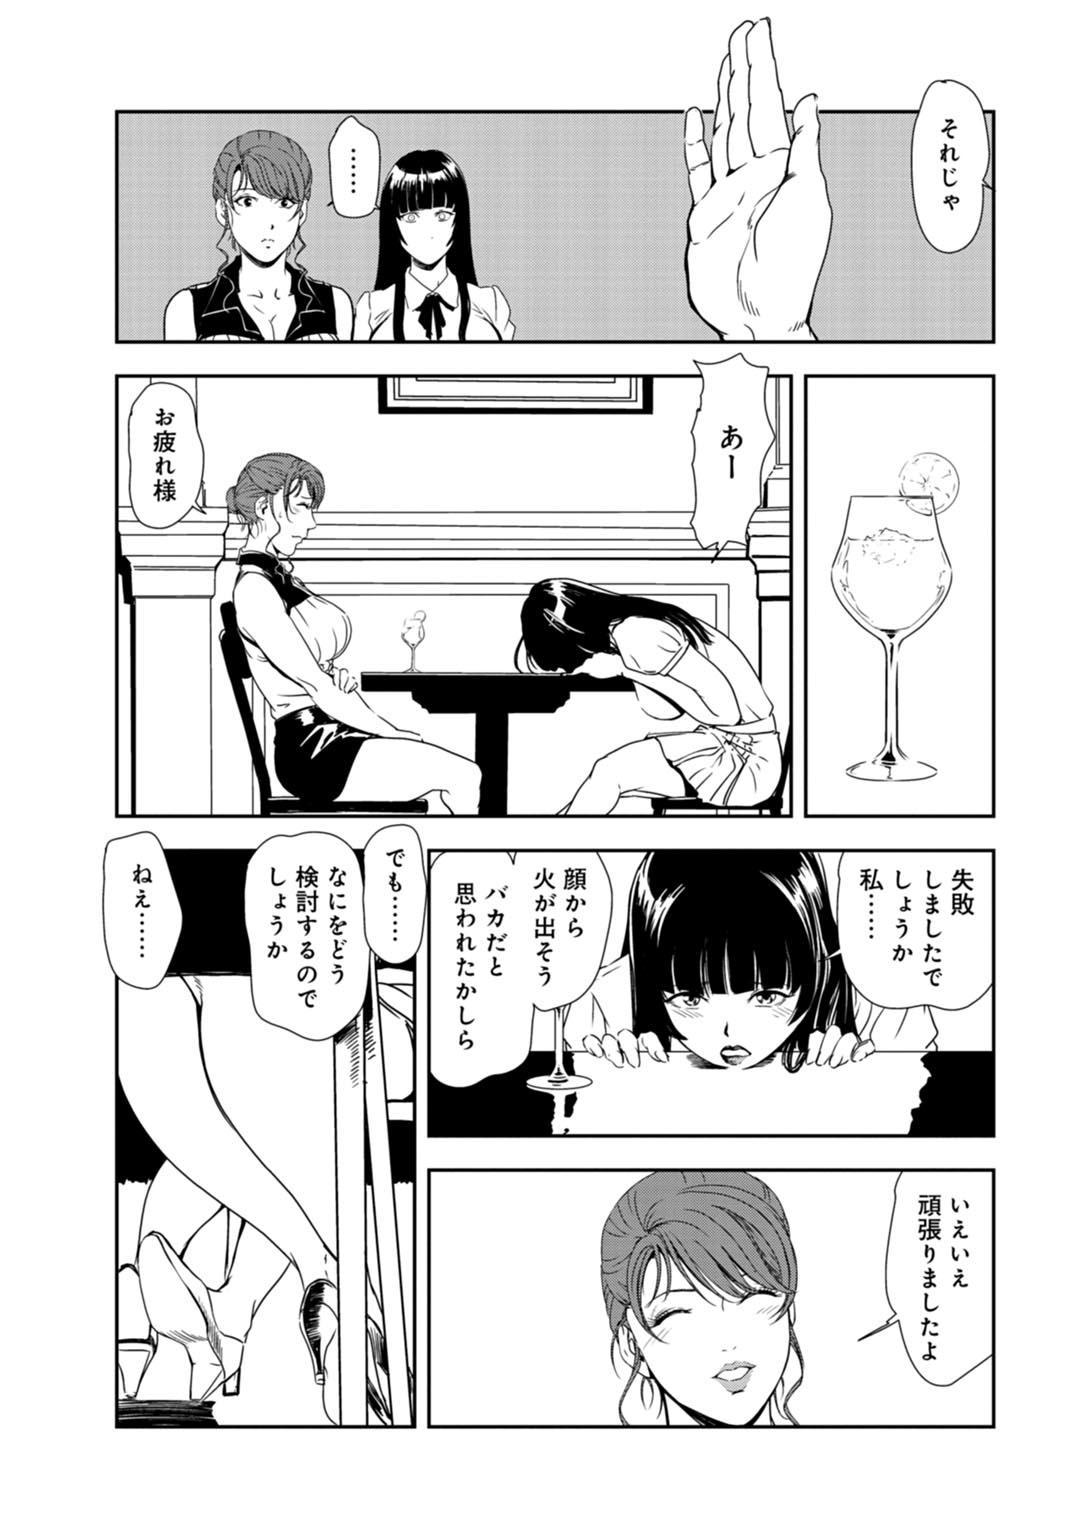 Nikuhisyo Yukiko 26 75